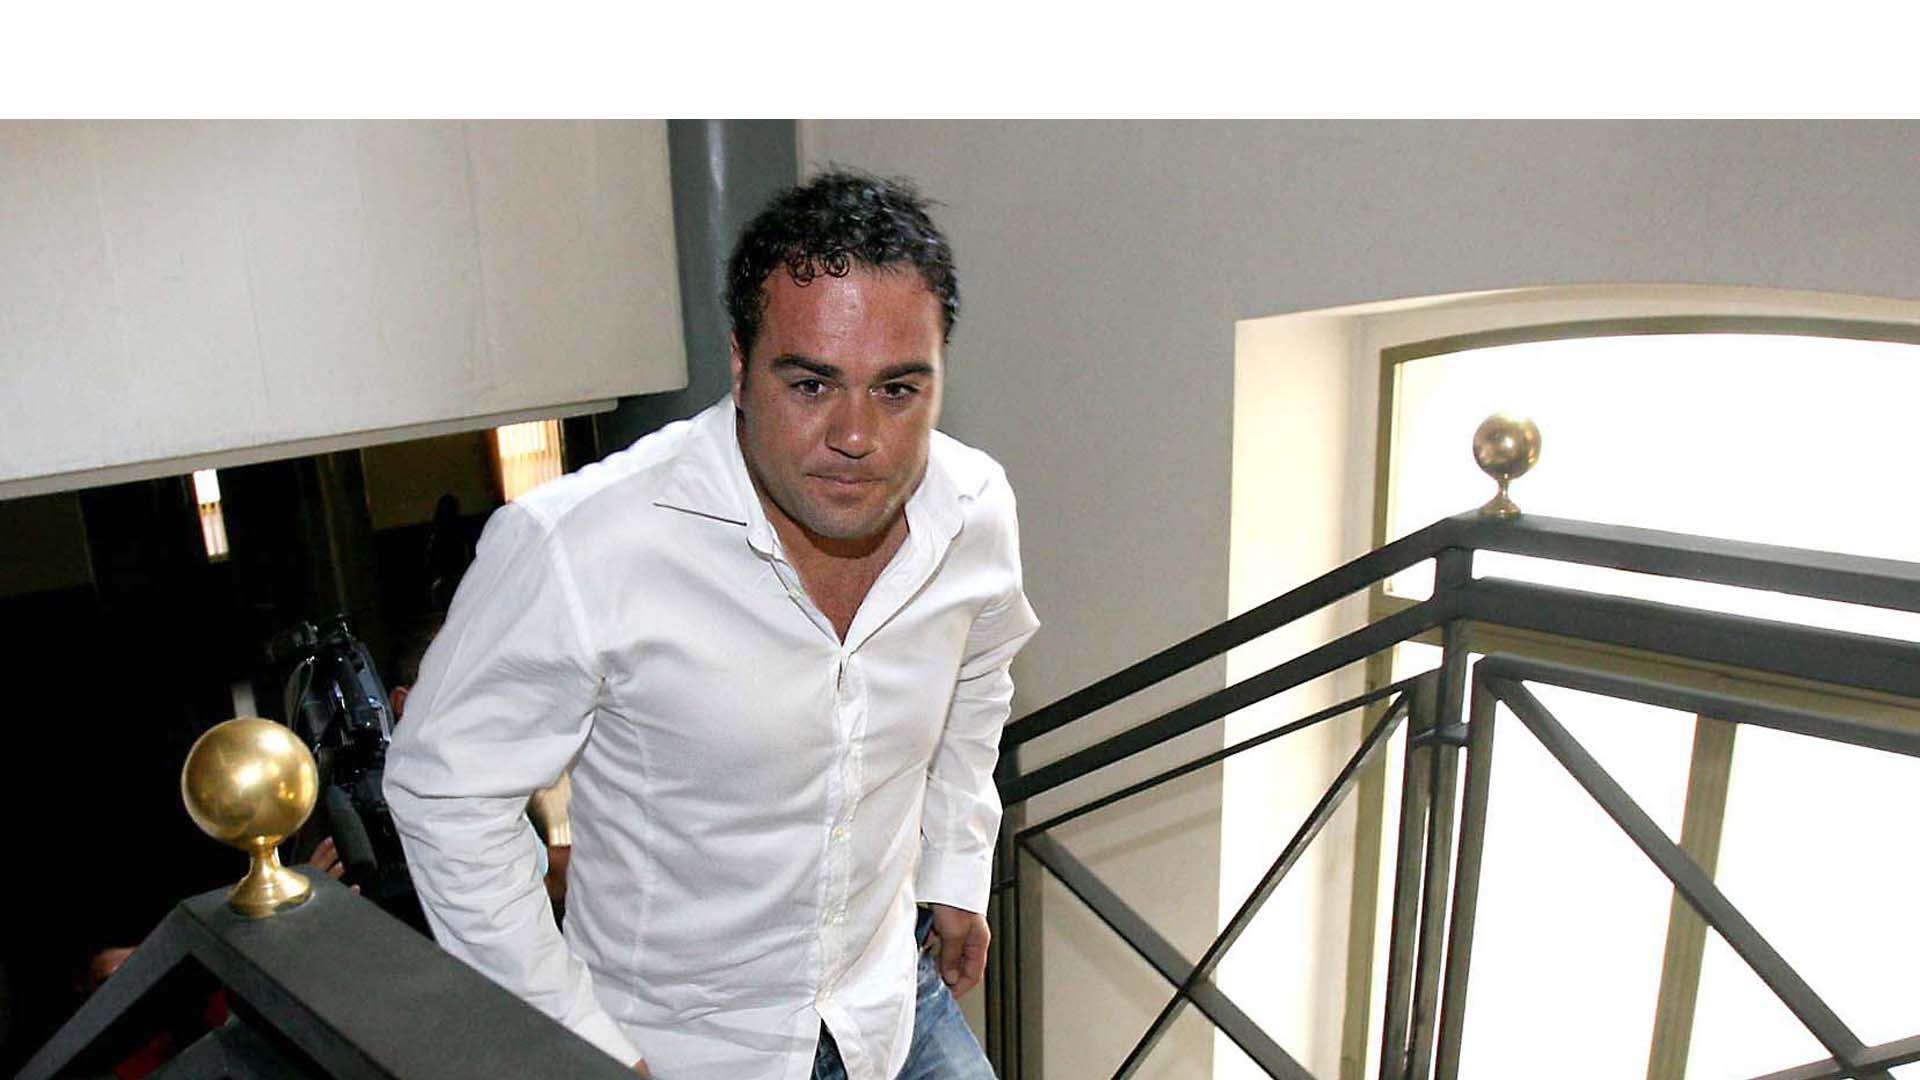 Aitor González, ganador de la Vuelta a España de 2002, estaría en la mira de las autoridades oficiales nuevamente